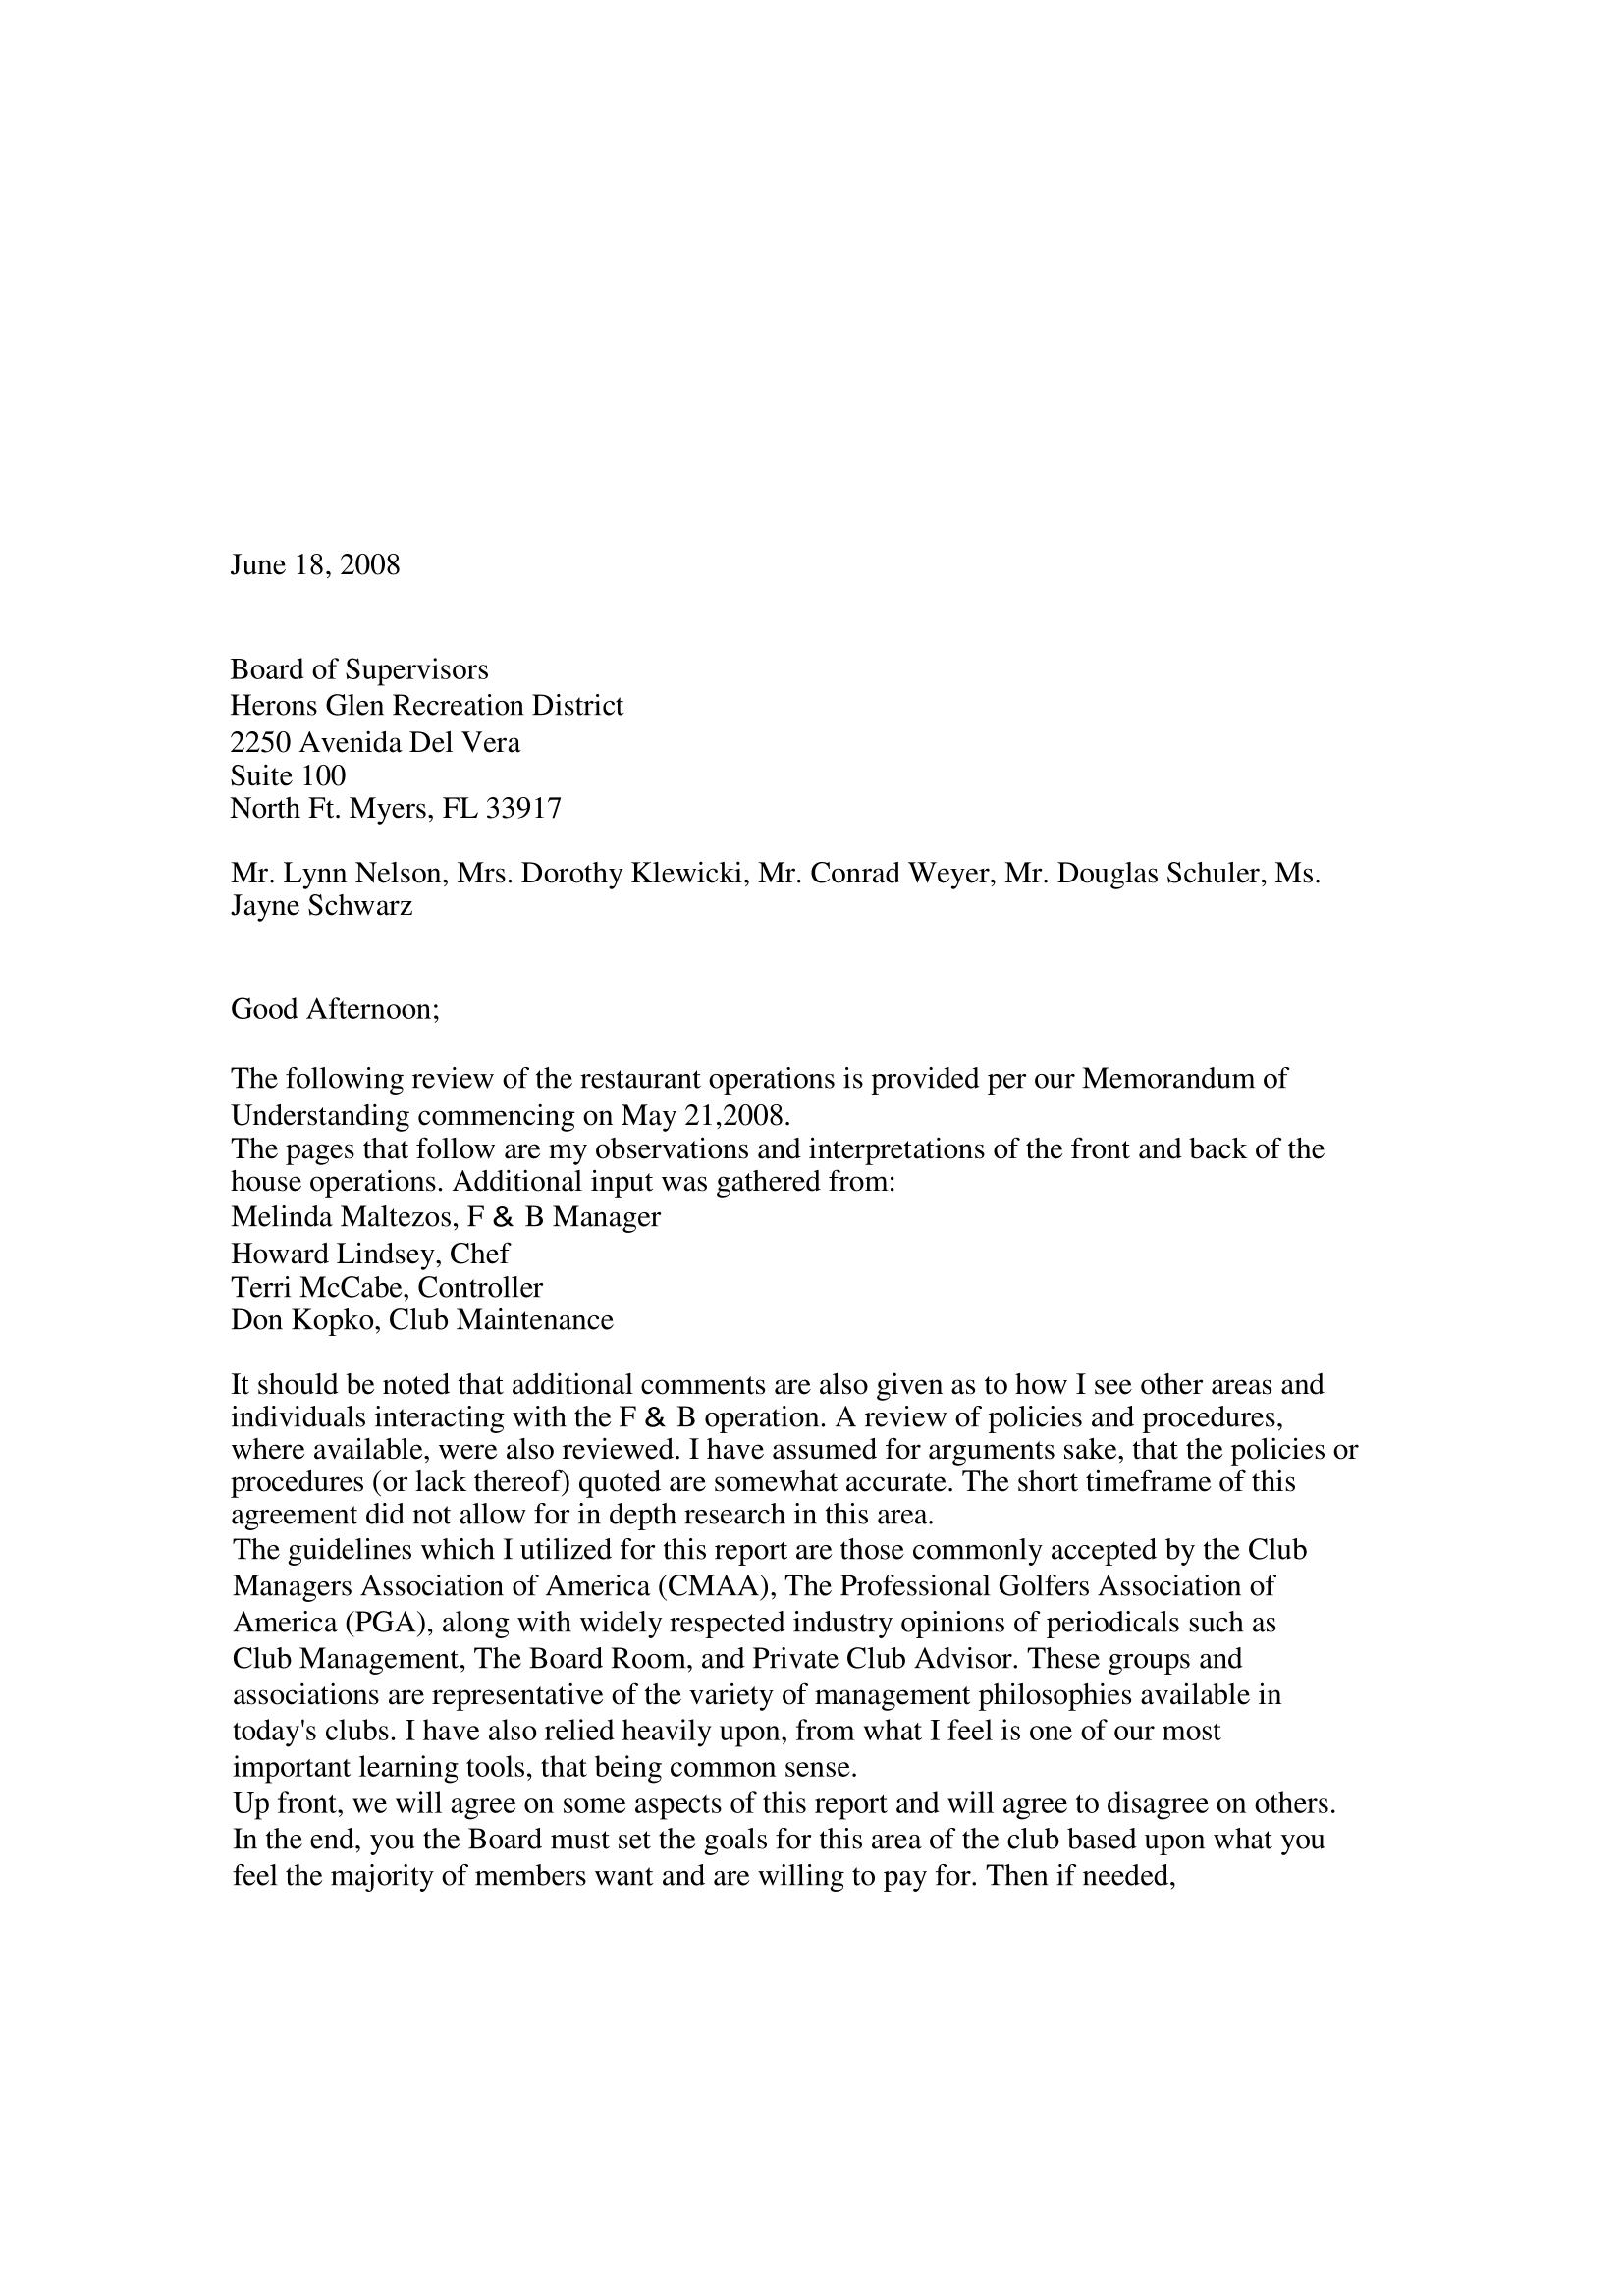 restaurant consultant report 07 08